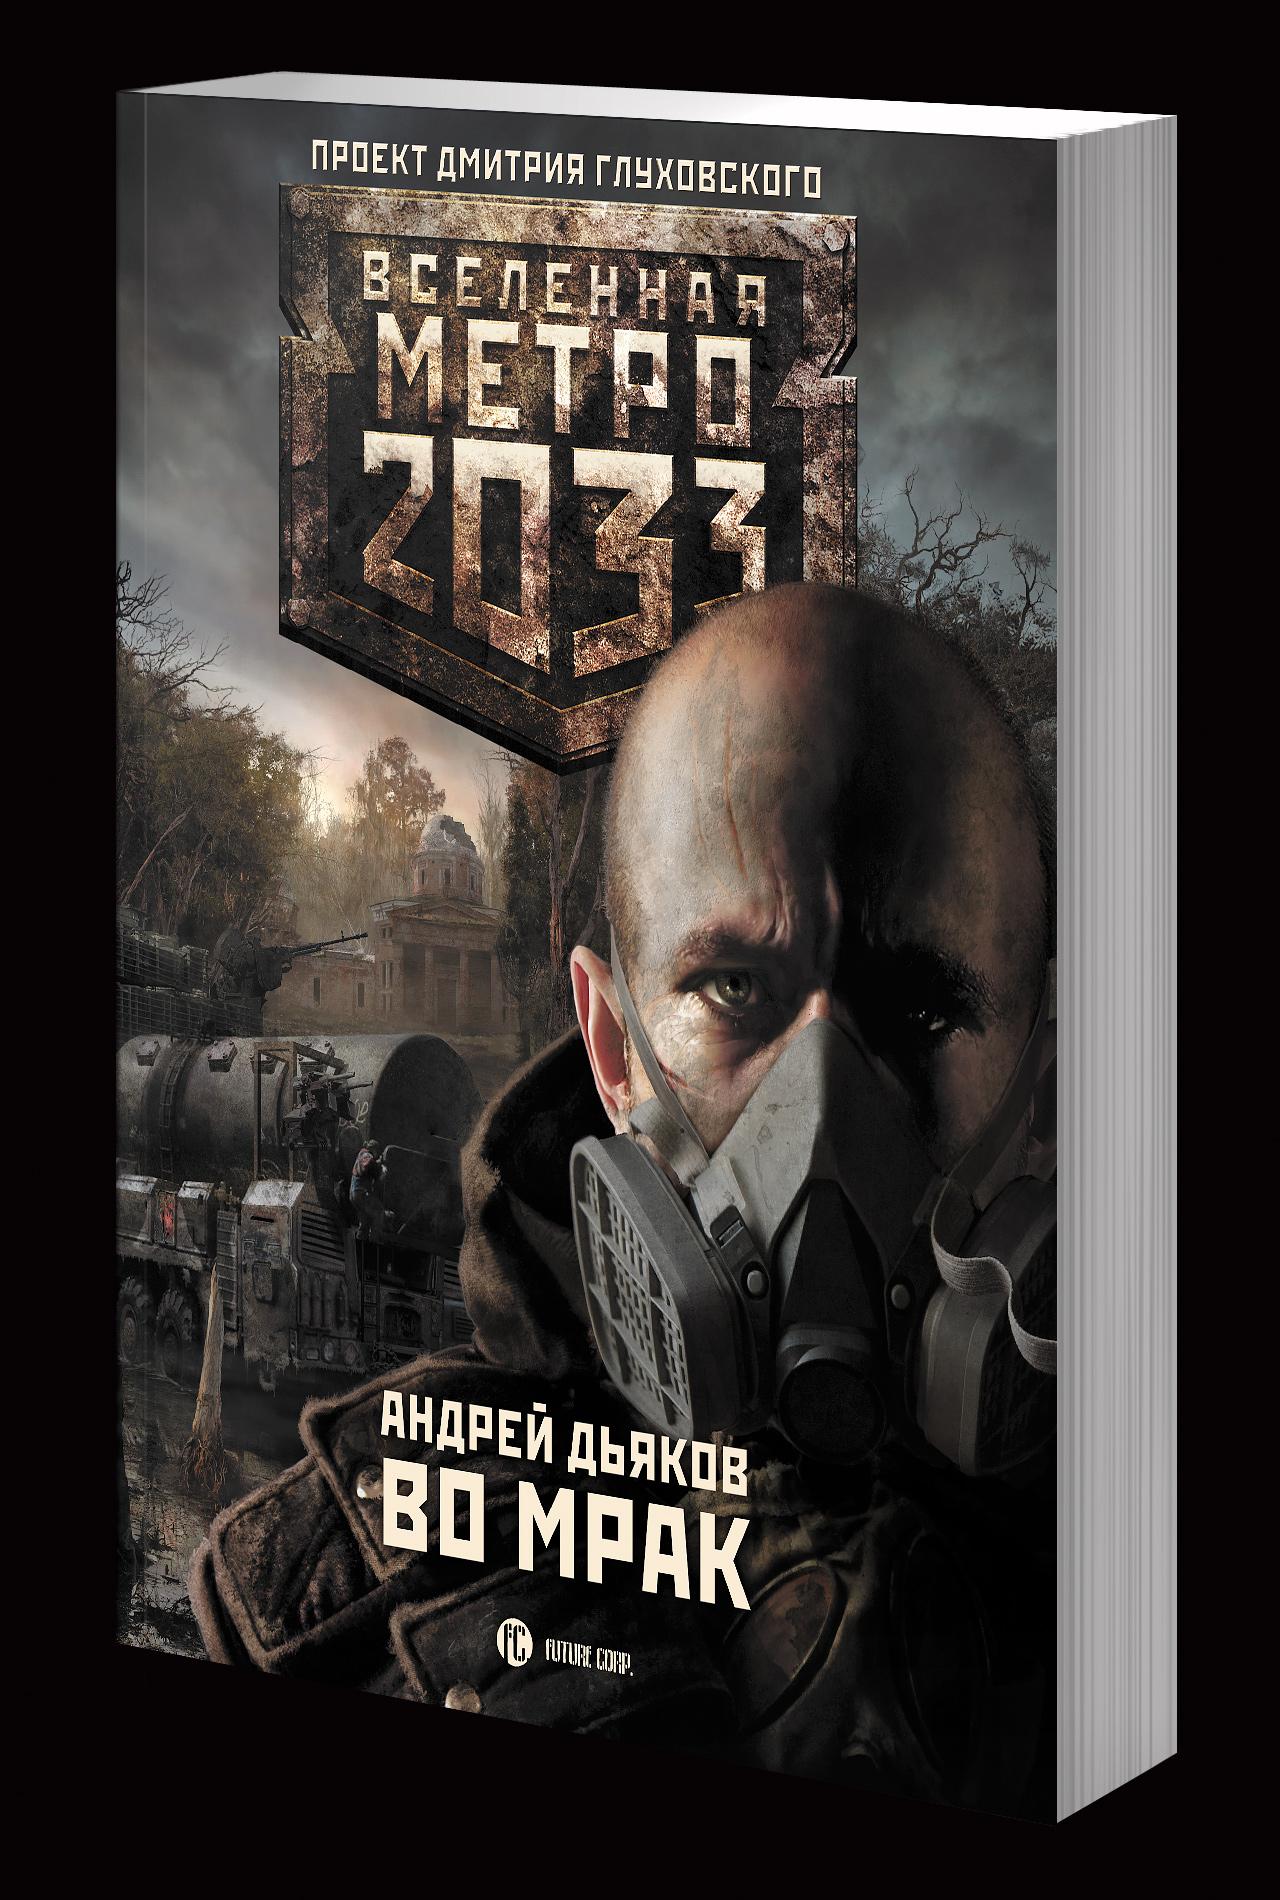 Вселенная метро 2033 скачать бесплатно - 74d8